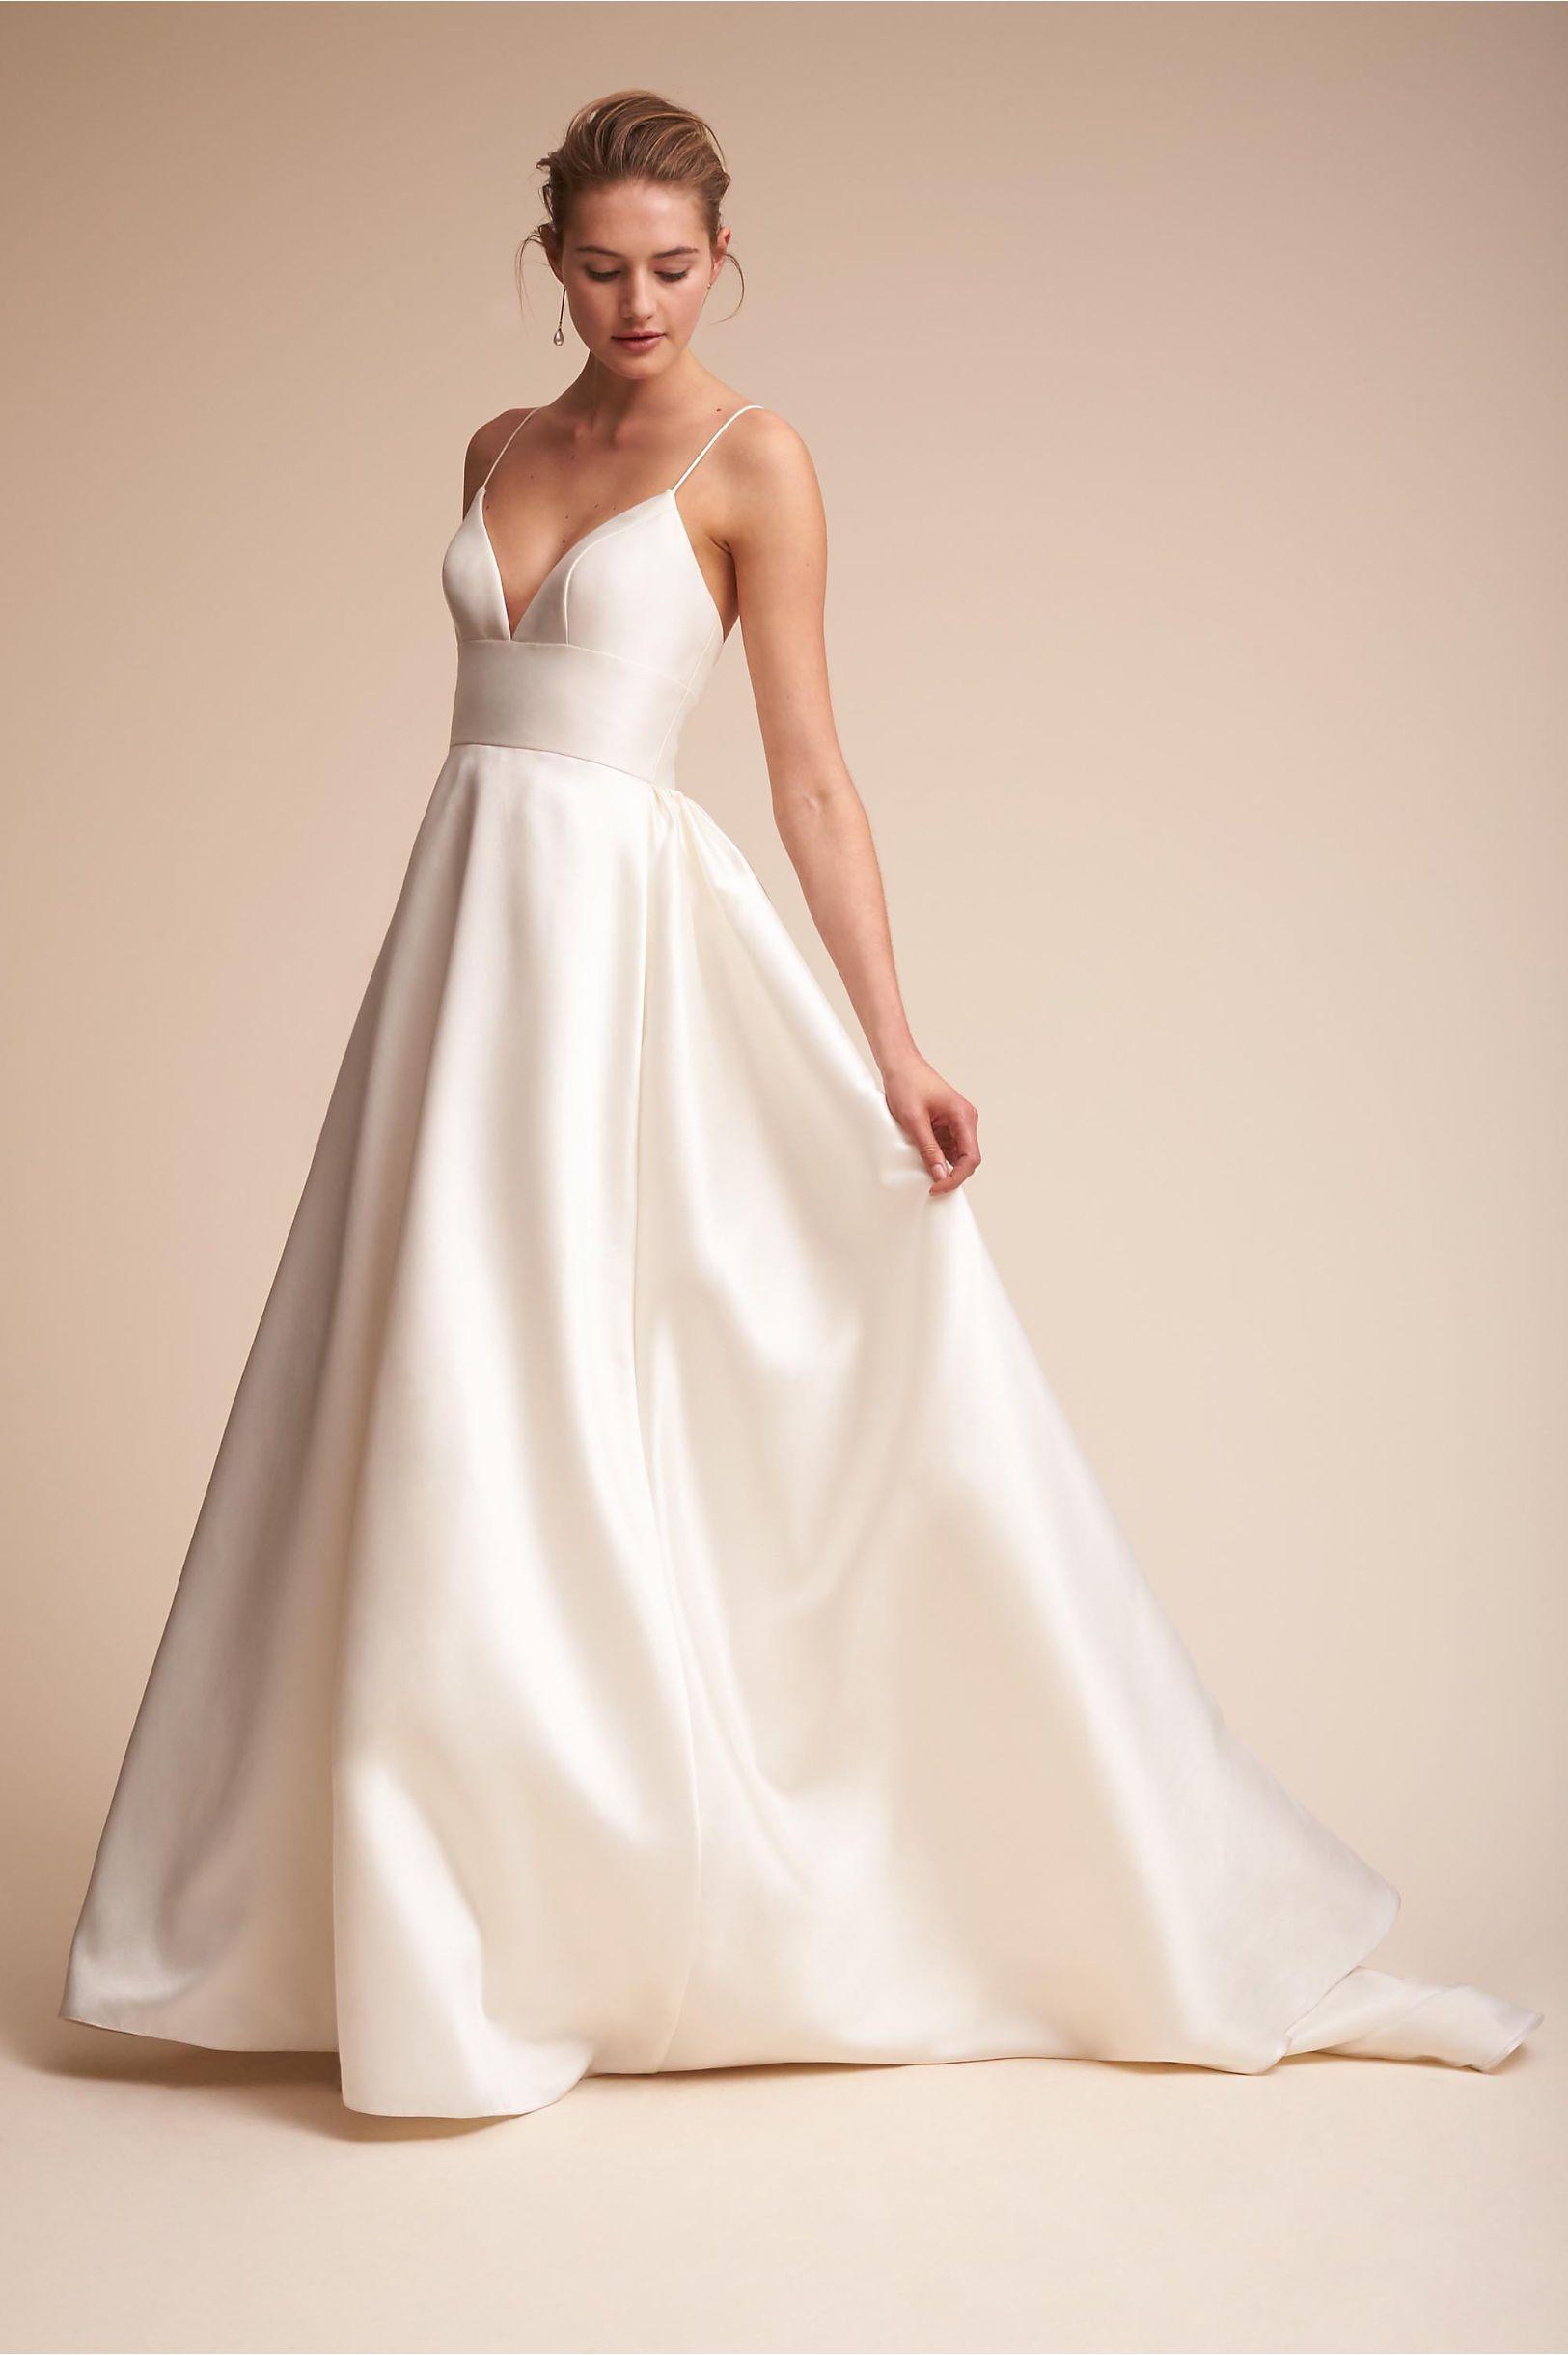 BHLDN Opaline Ballgown in Bride Wedding Dresses Preorder Gowns ...